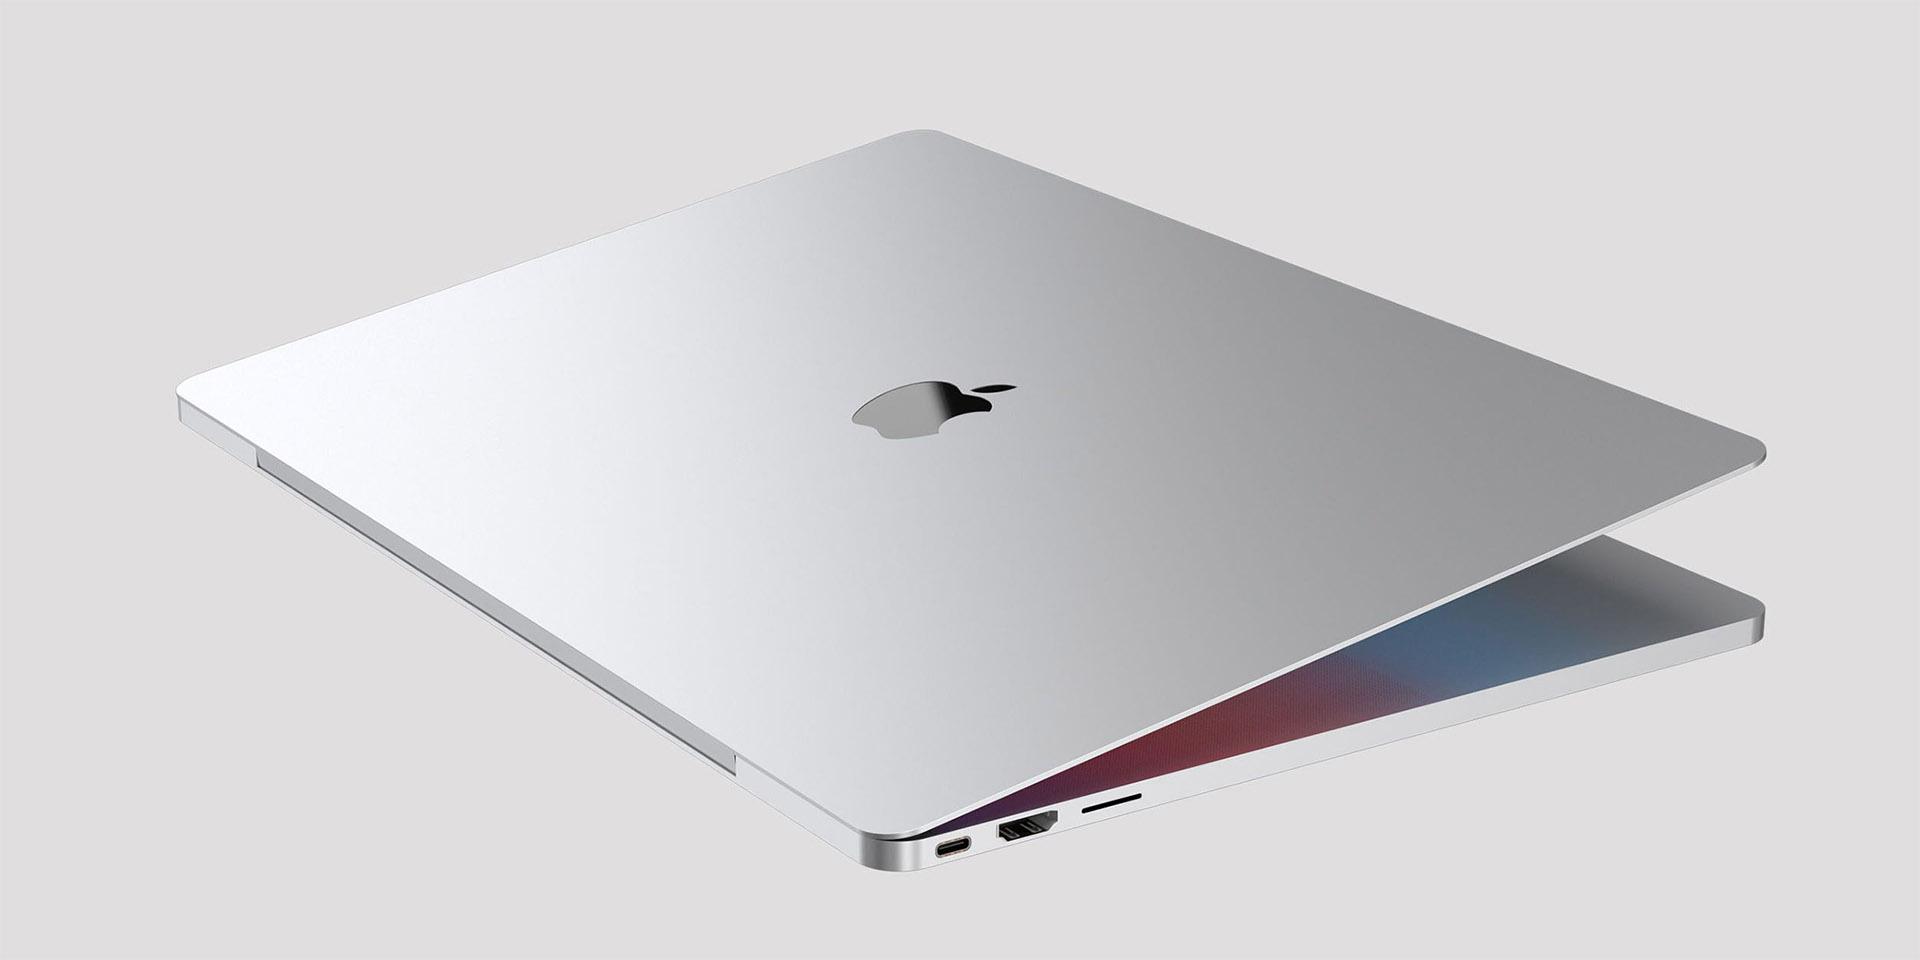 新型MacBook Pro(予想コンセプト図)